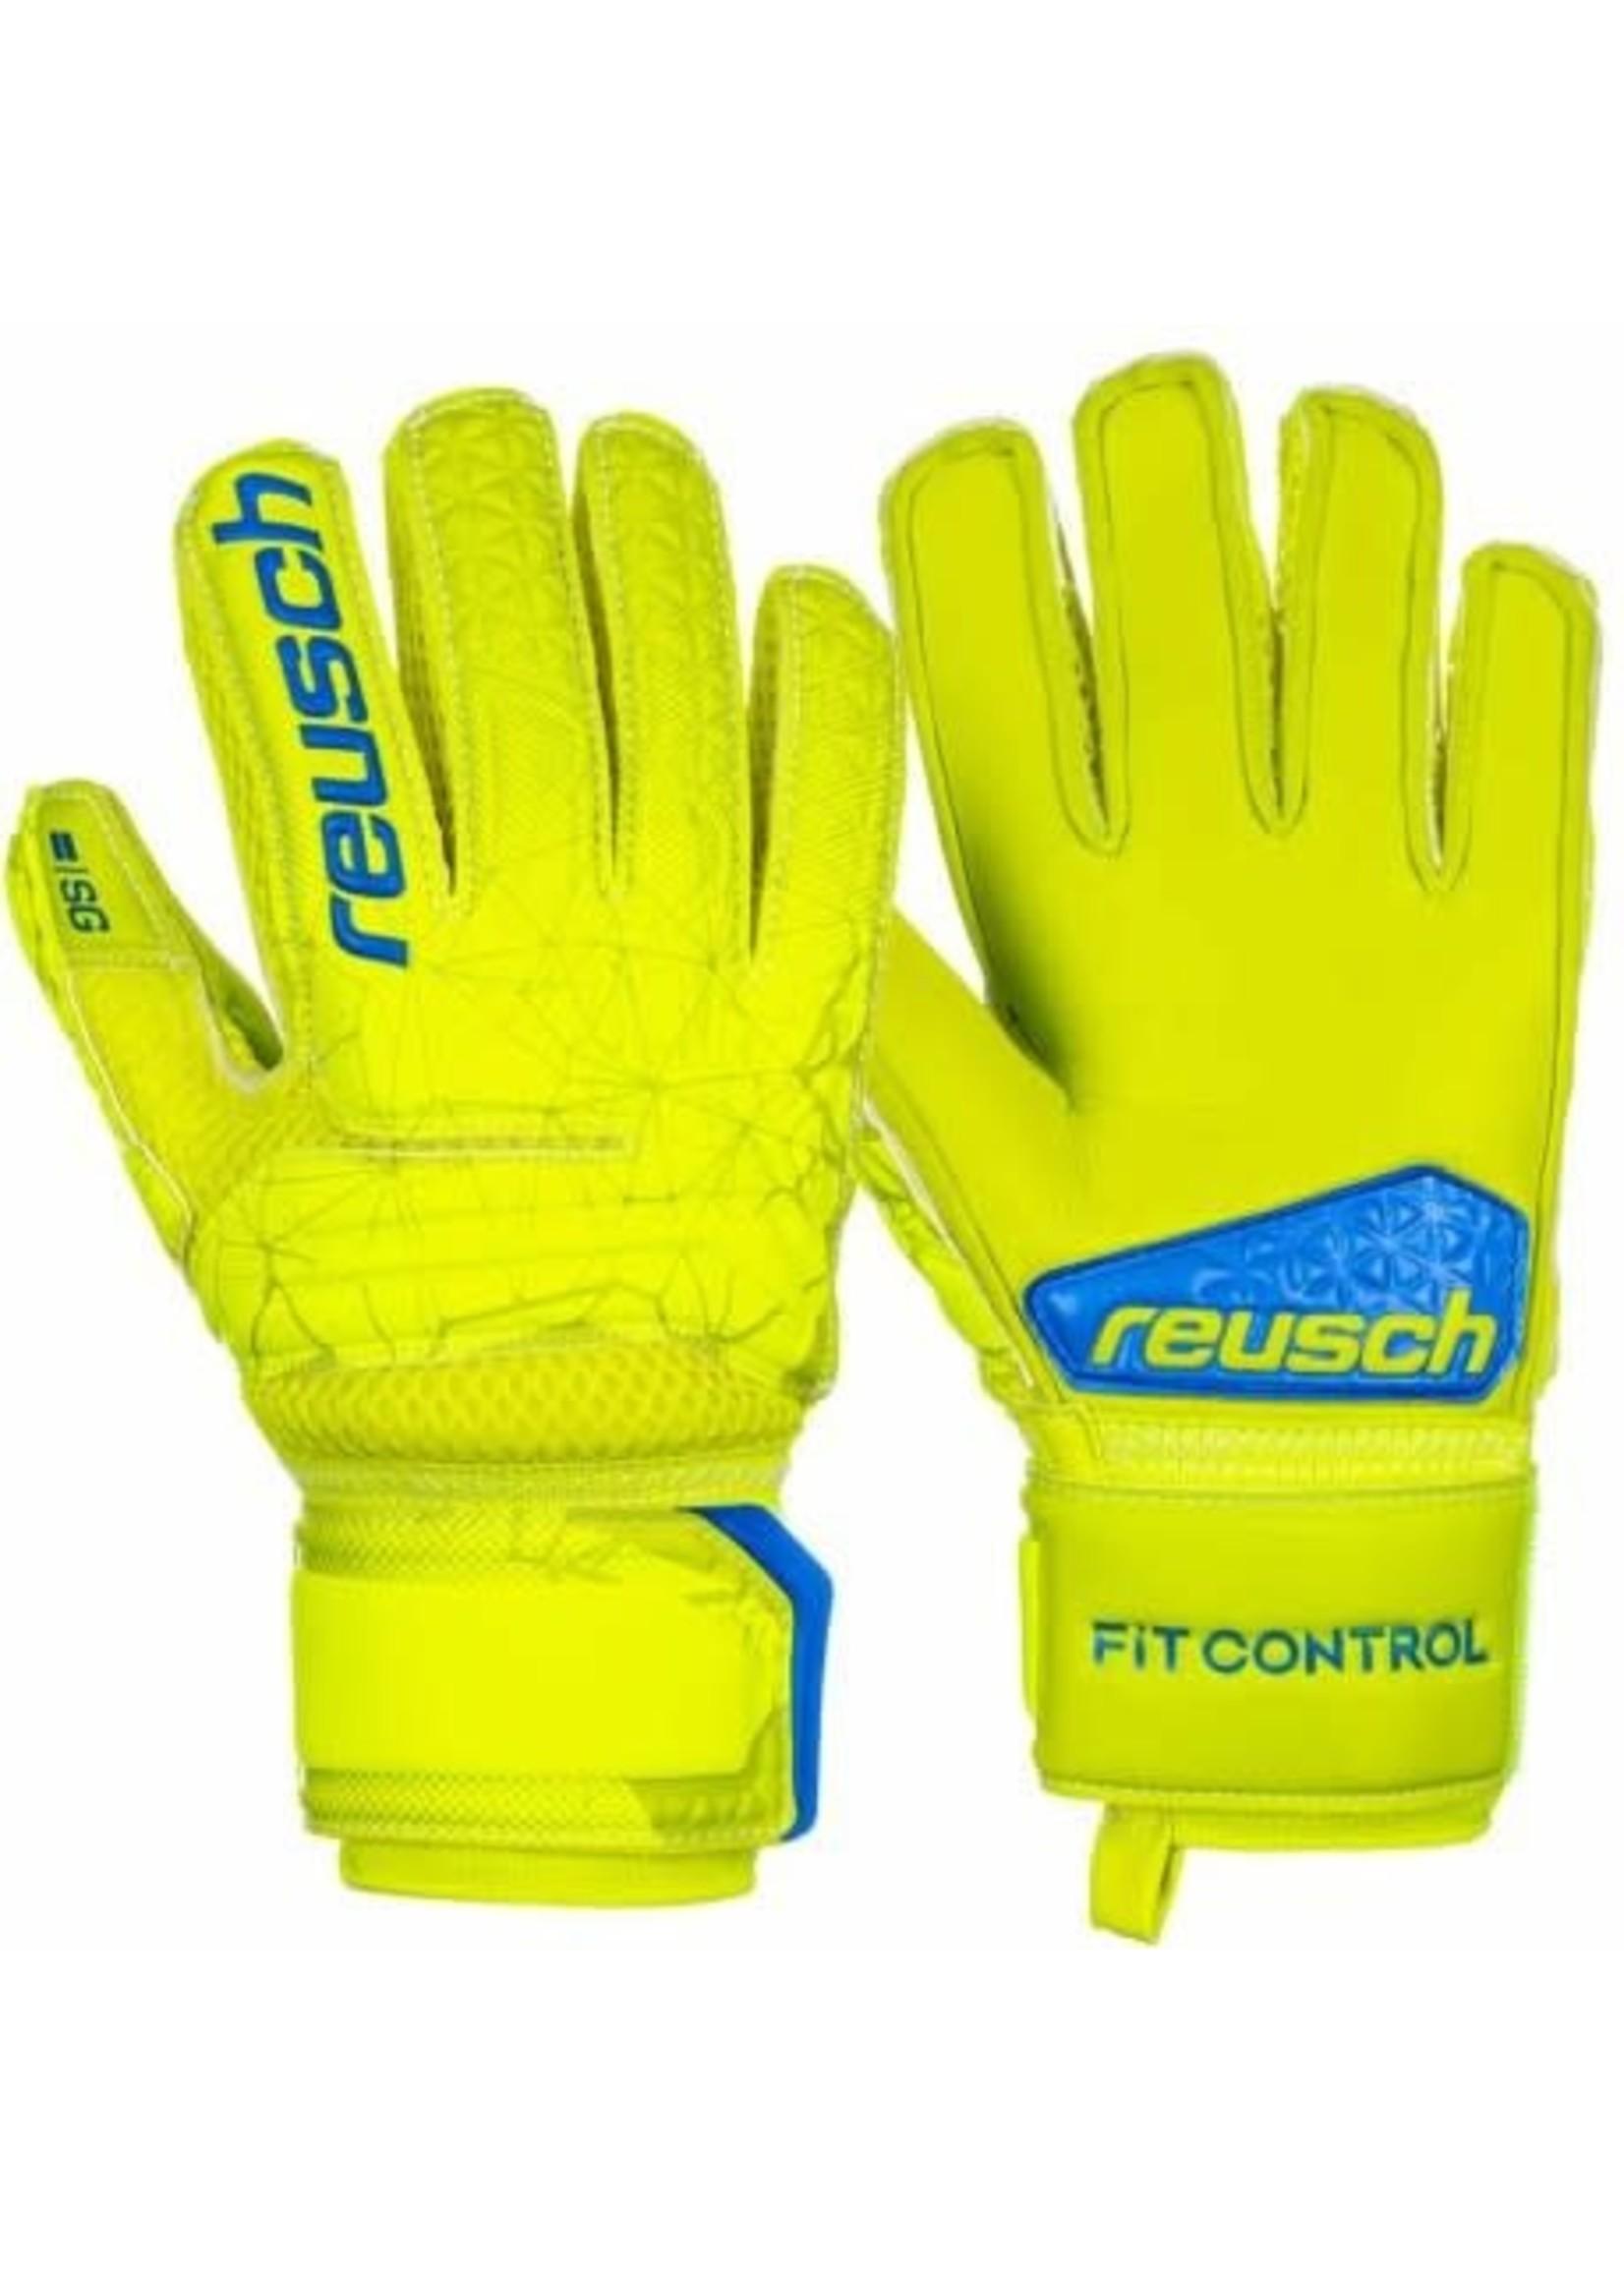 Reusch Fit Control Pro G3 Extra Finger Support  Junior